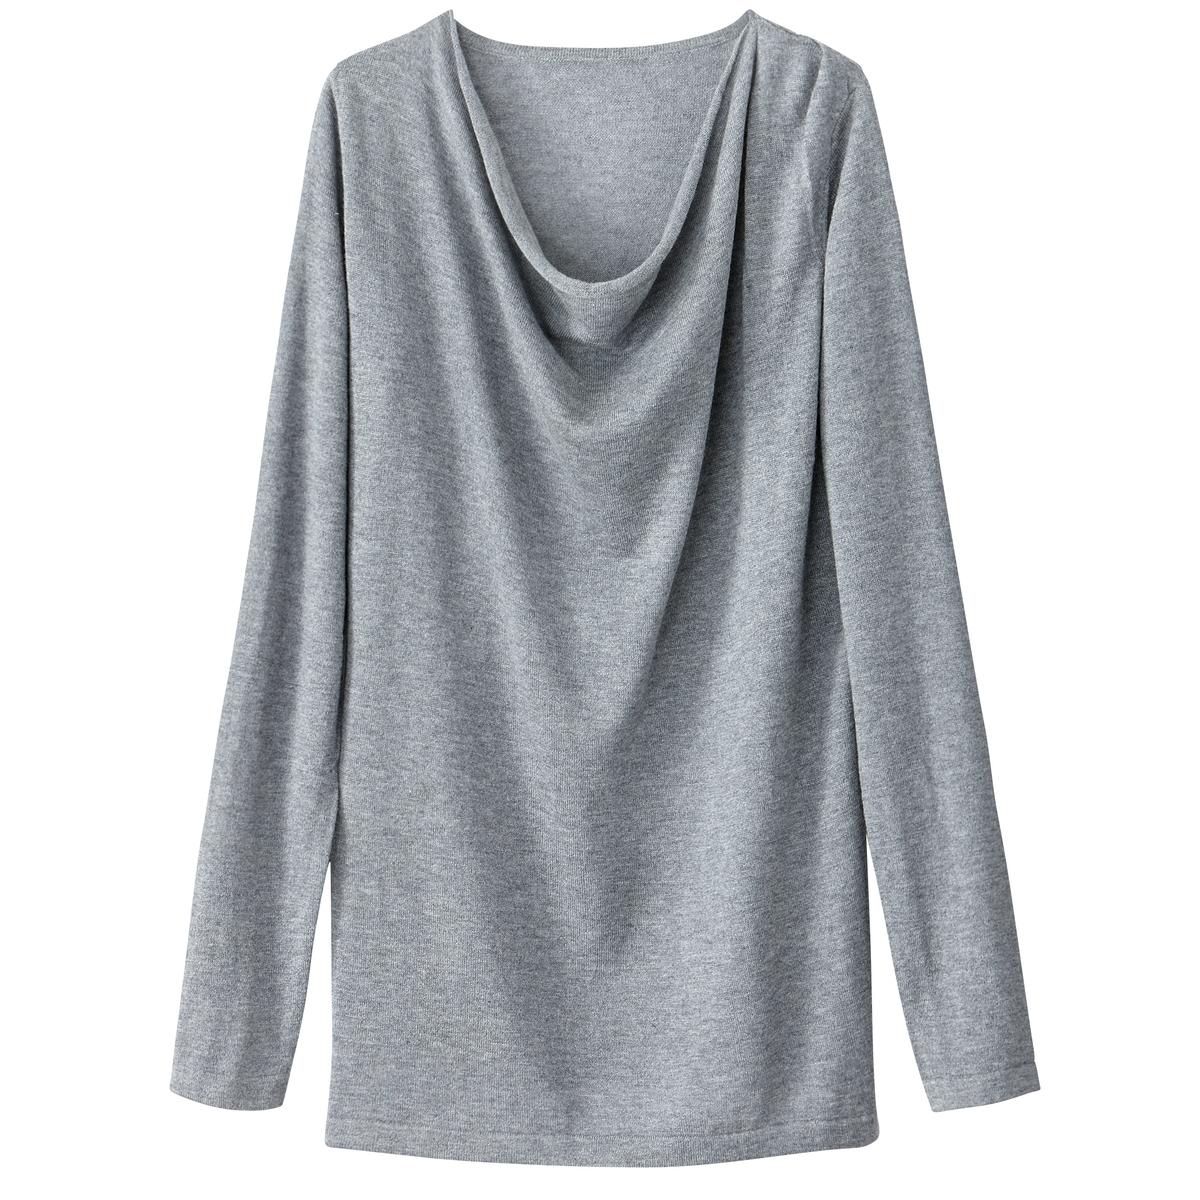 Camisola com decote drapeado, lã